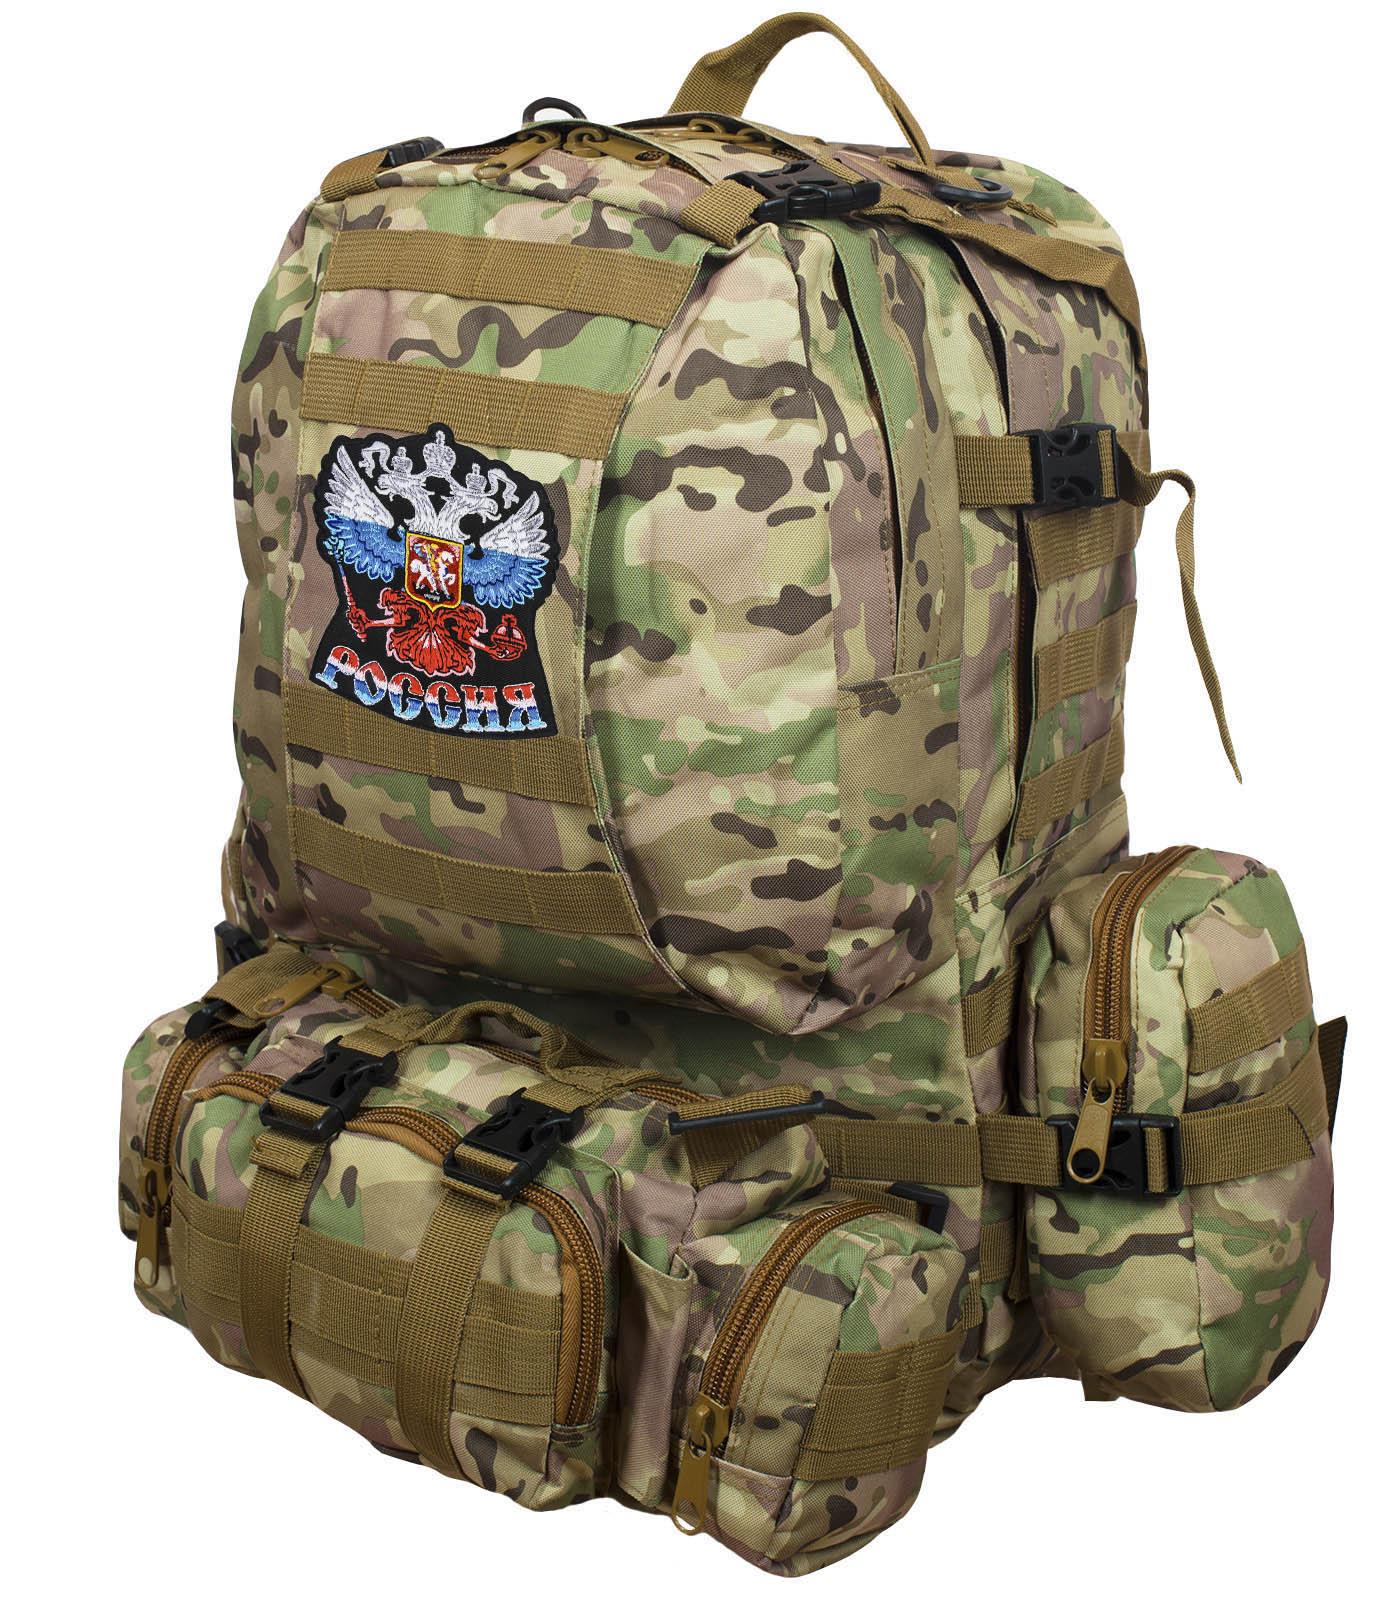 """Рюкзак US Assault Pack Multicam с эмблемой """"Россия""""  заказать в Военпро"""